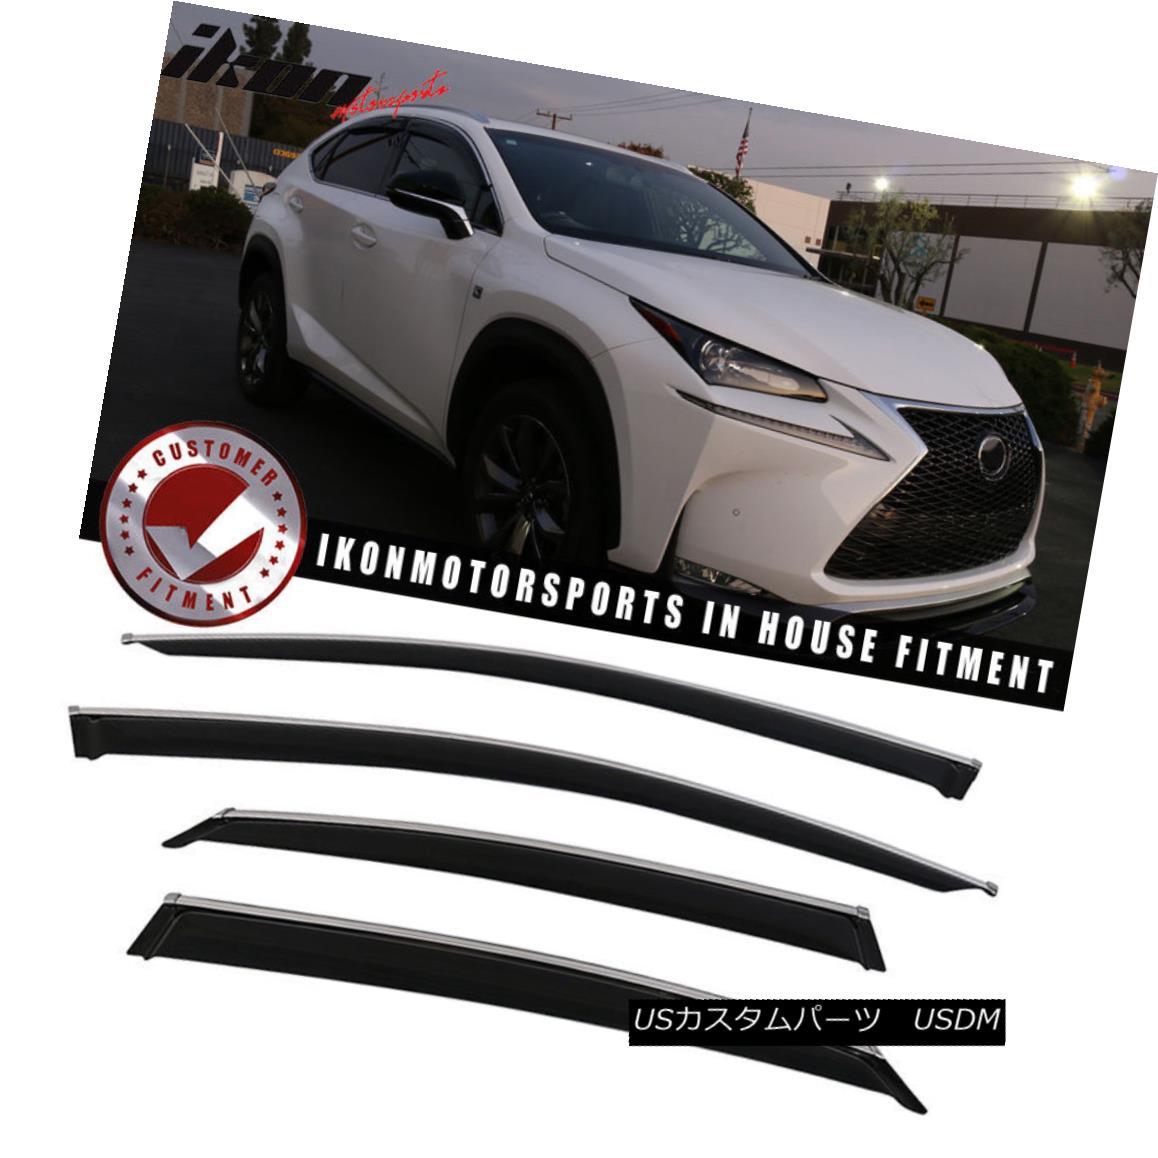 エアロパーツ Fits 15-17 Lexus NX200t Acrylic Window Visors w/ Chrome Trim 4Pc Set 15-17 Lexus NX200tアクリルウインドバイザー(クロムトリム4枚セットあり)